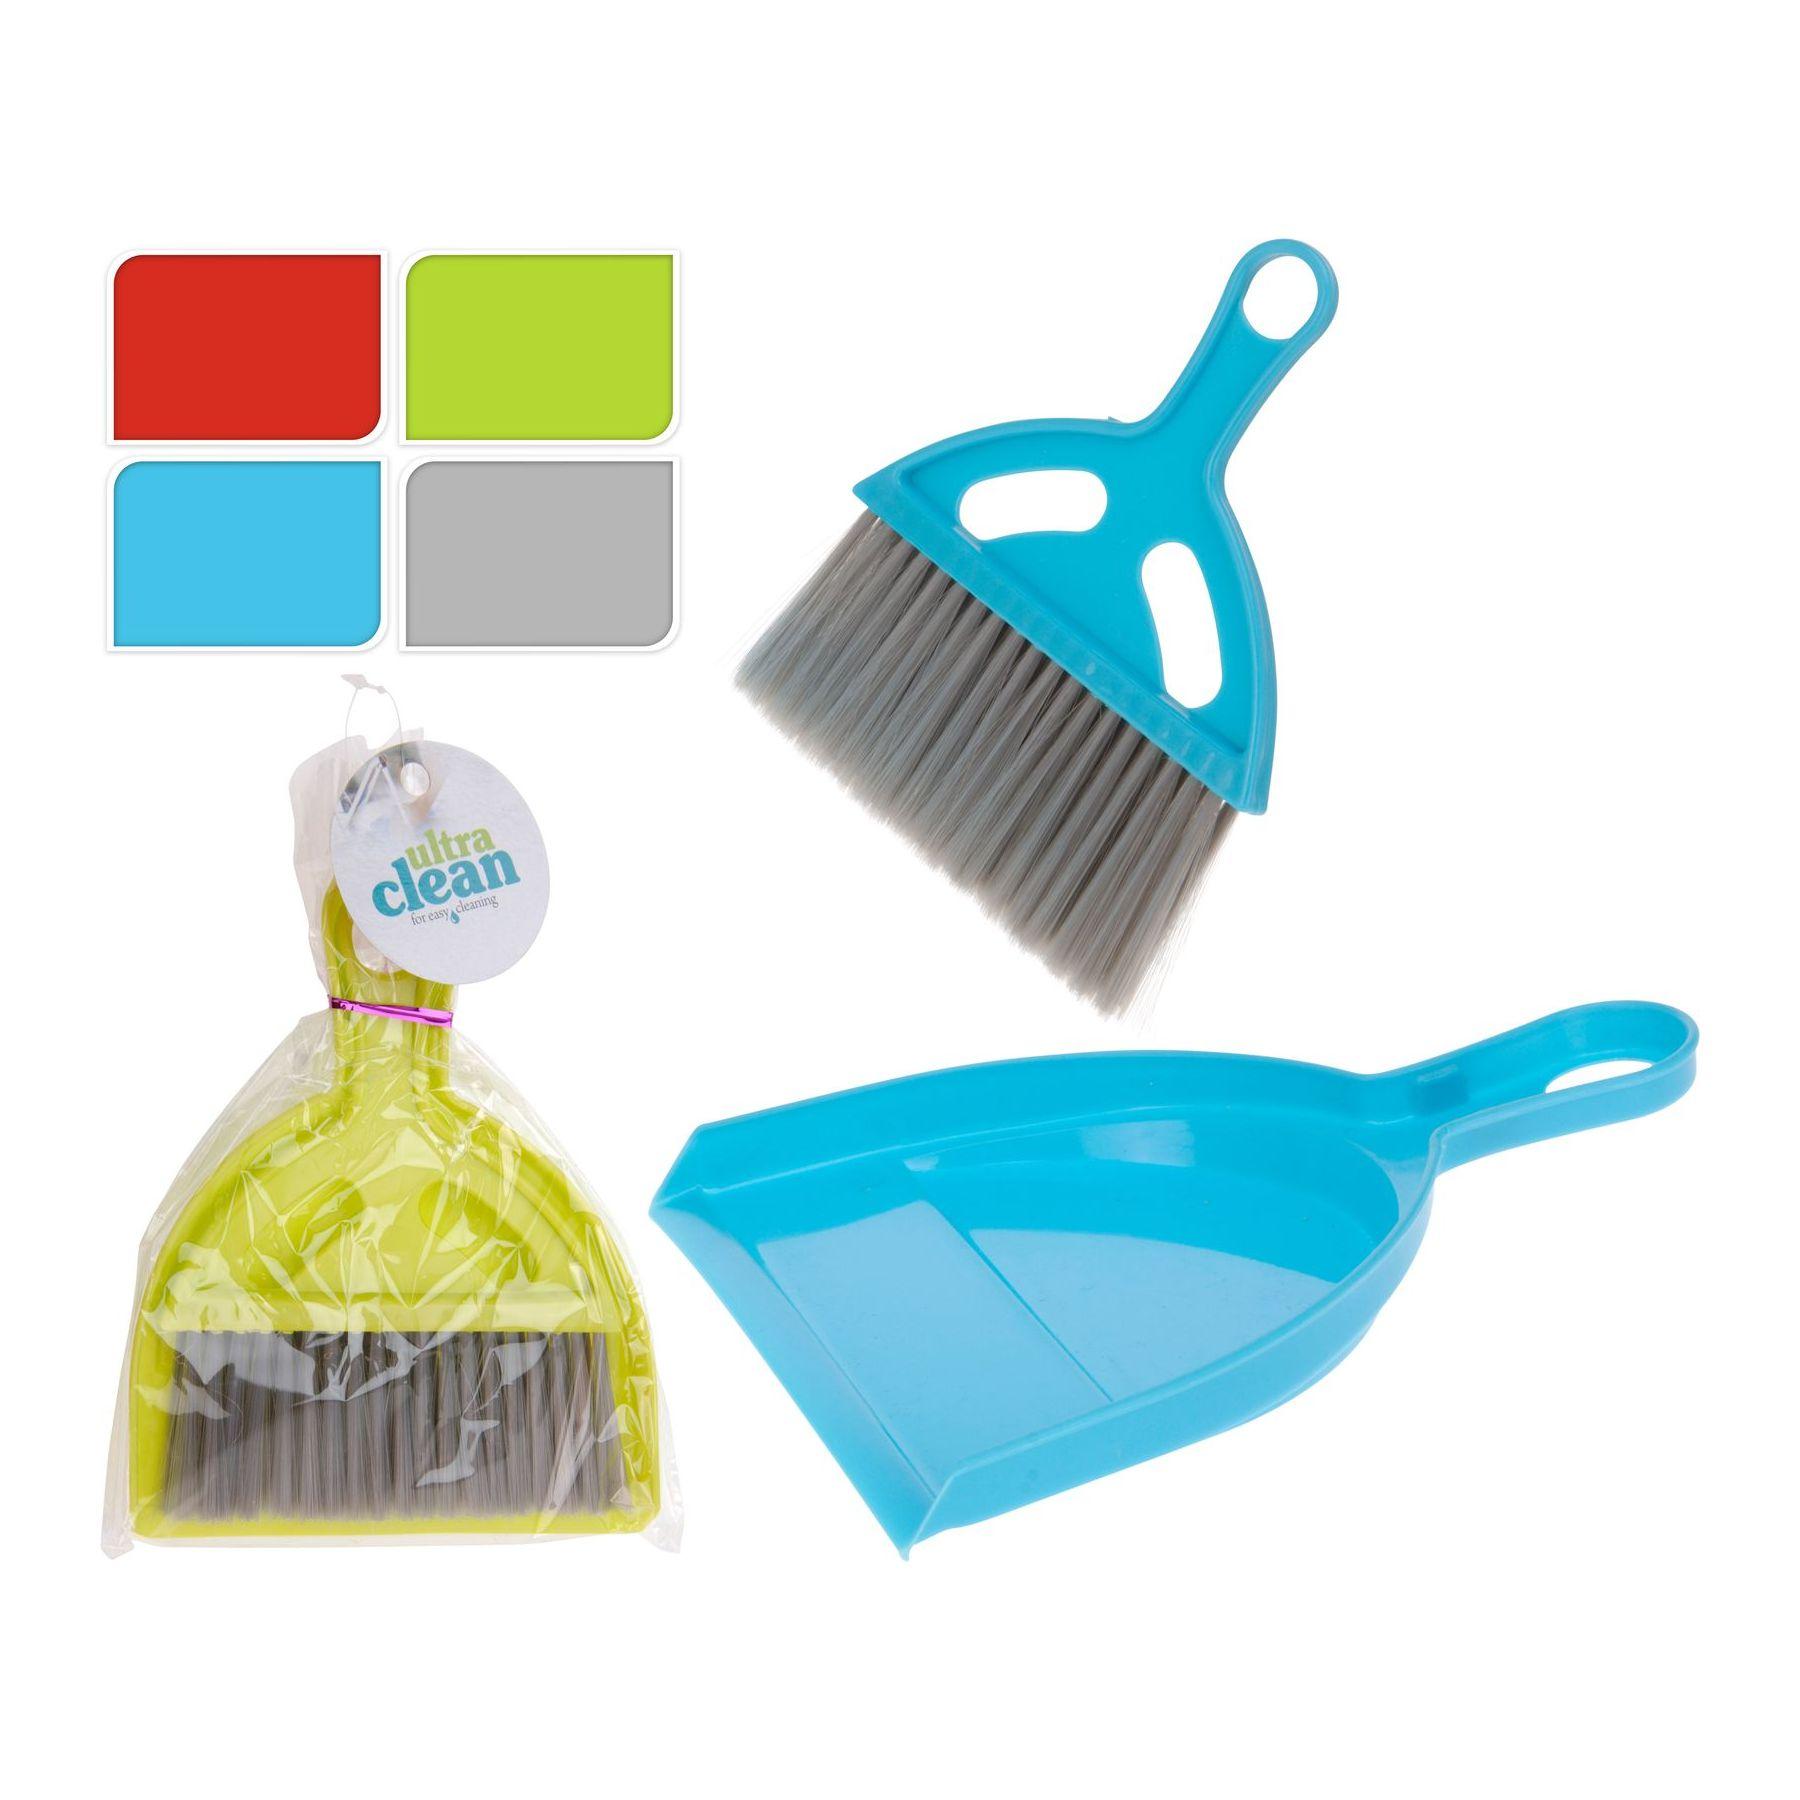 Набор совок + щётка для поласовок для мусора, щётка ручная, для уборки пола разм. 20х26,5 см<br>